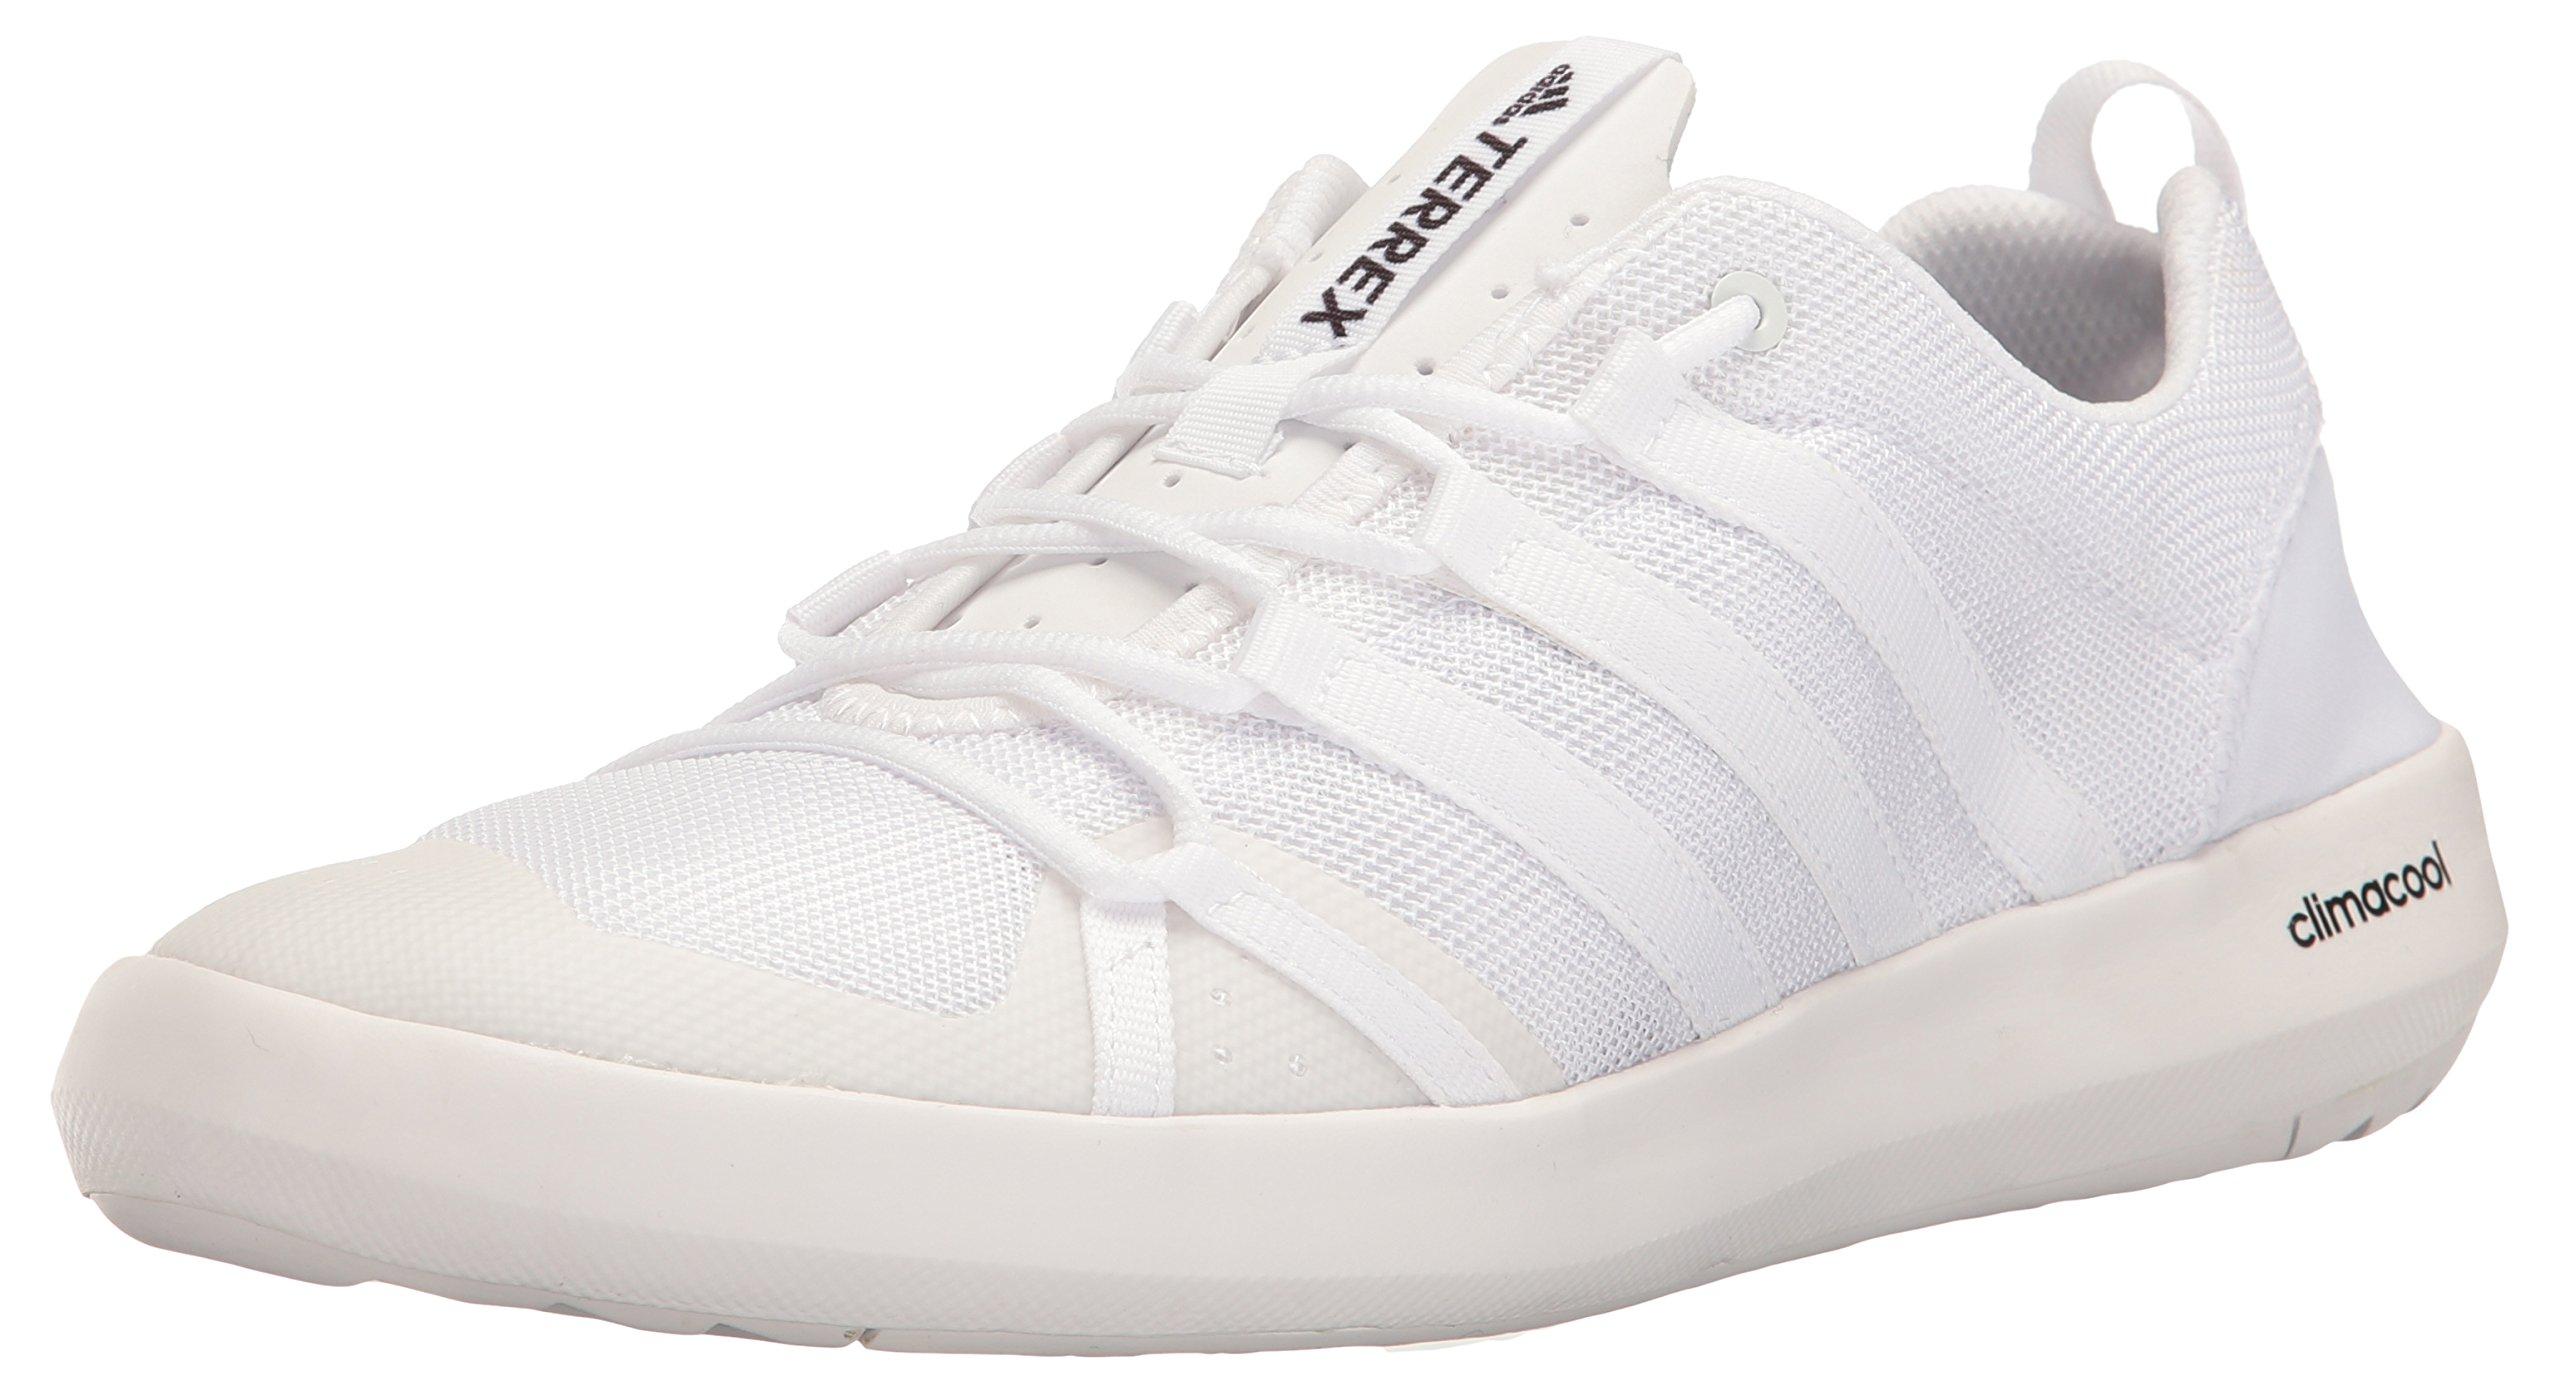 Terrex Climacool Boat Water Shoe